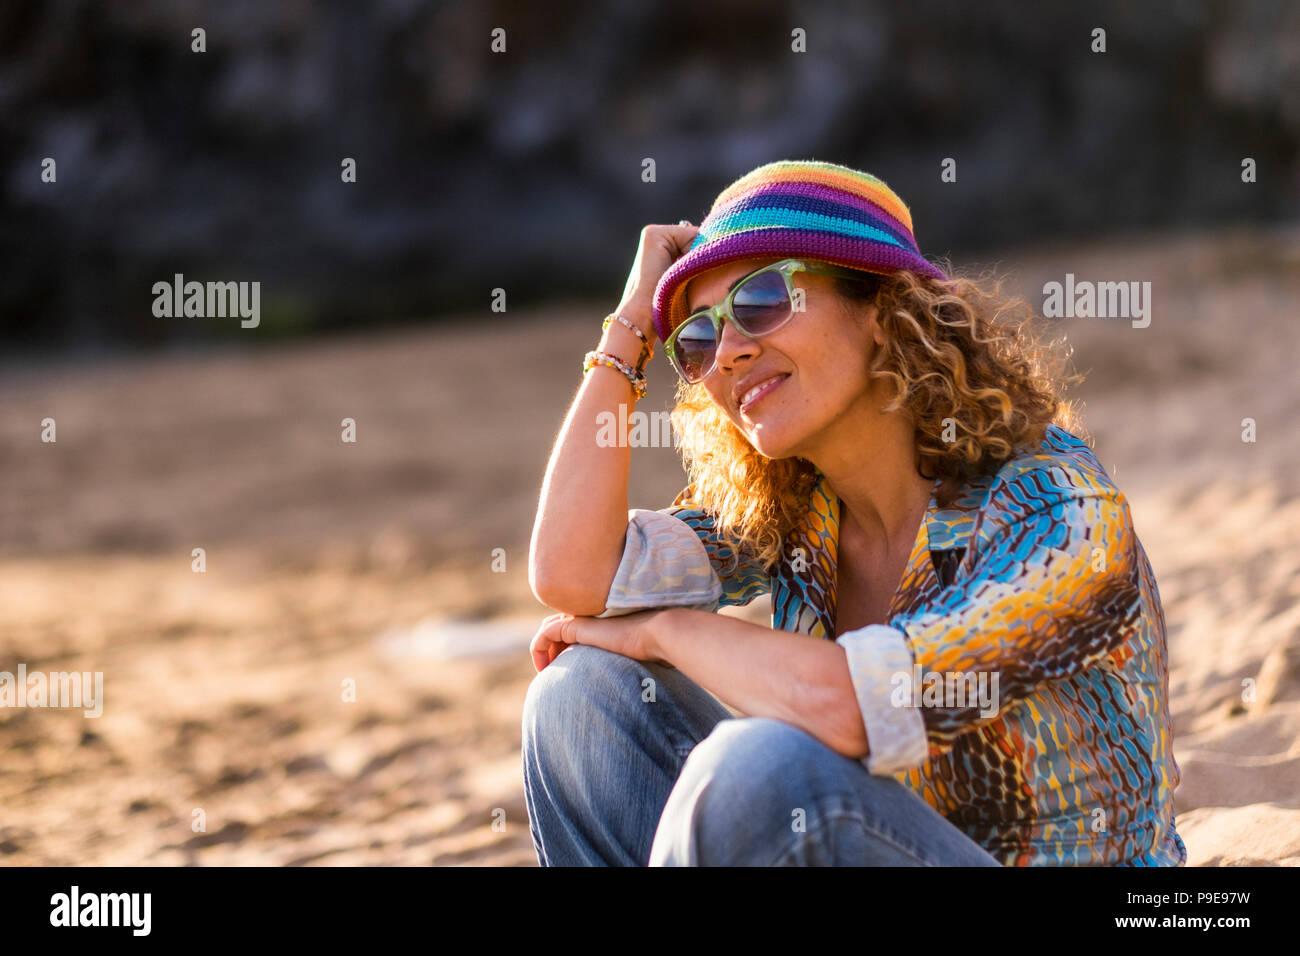 Hübsche blonde junge Frau setzen Sie sich auf den Sand am Strand entspannen und genießen den Sonnenuntergang und sonnigen Tag Urlaub. Bleiben Sie gut in einem natürlichen Platz und o Stockbild